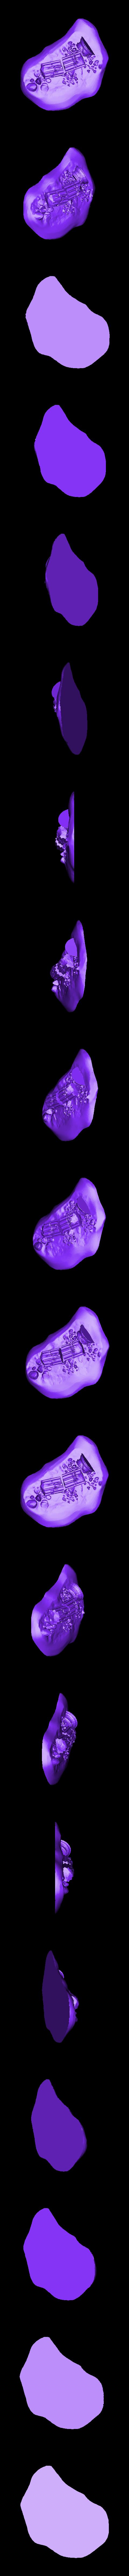 JAN19_RUINS_1.stl Télécharger fichier STL gratuit Colonne de ruines romaines/grecques • Plan pour imprimante 3D, DarkRealms